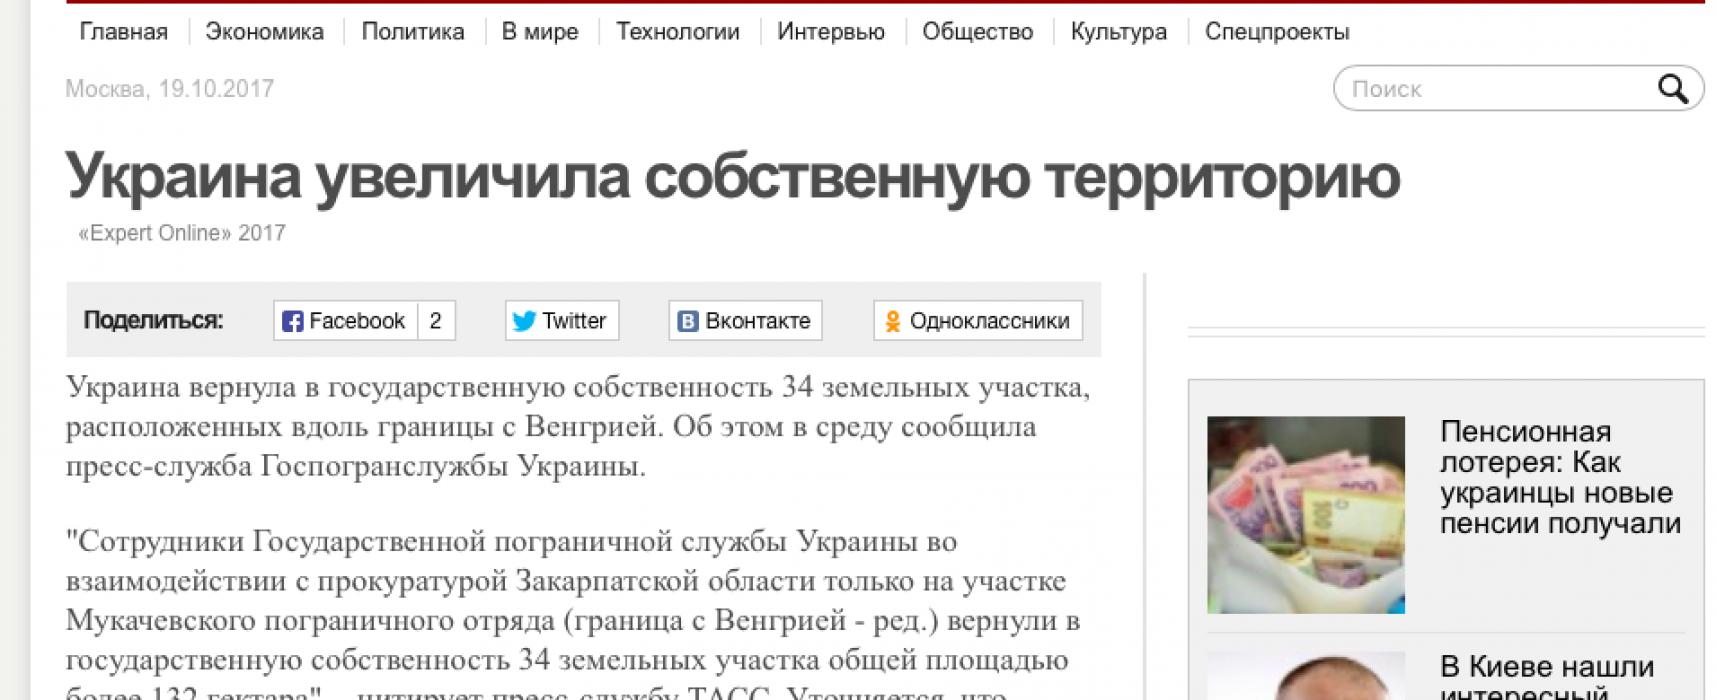 Fake : L'Ucraina amplia il proprio territorio